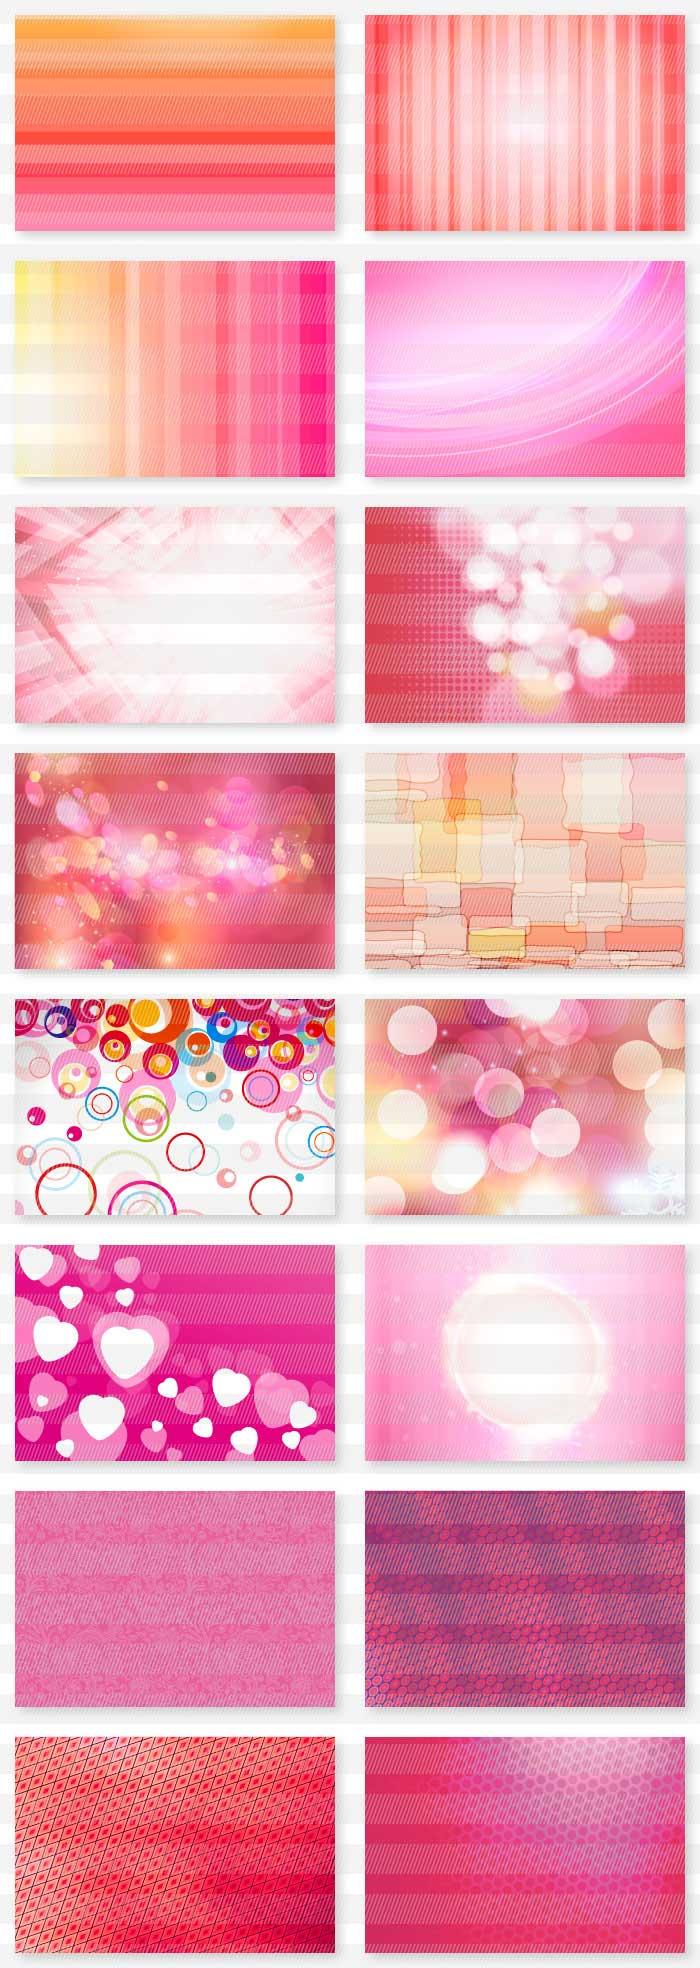 ピンクと紫のイラスト背景素材|イラストレーター素材(ai・eps・商用可能)